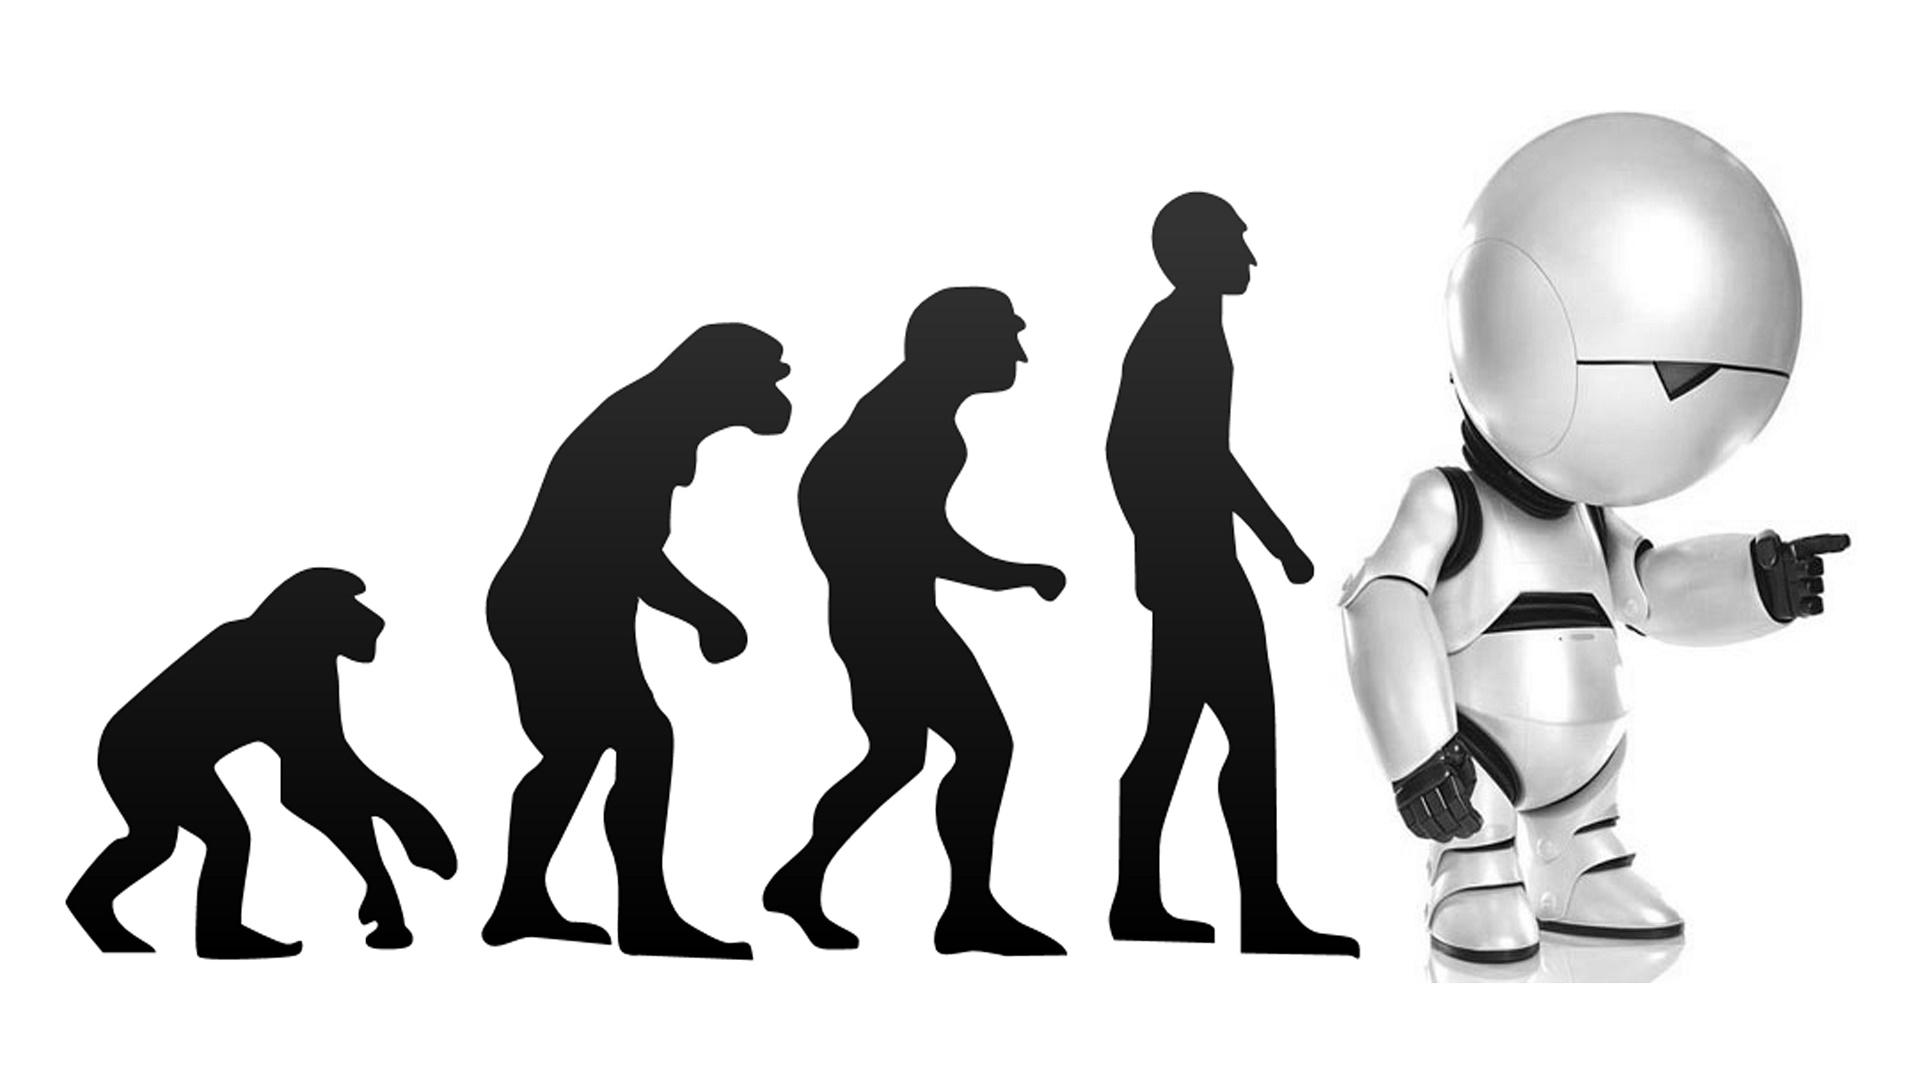 Estos robots se parecen descaradamente a seres humanos